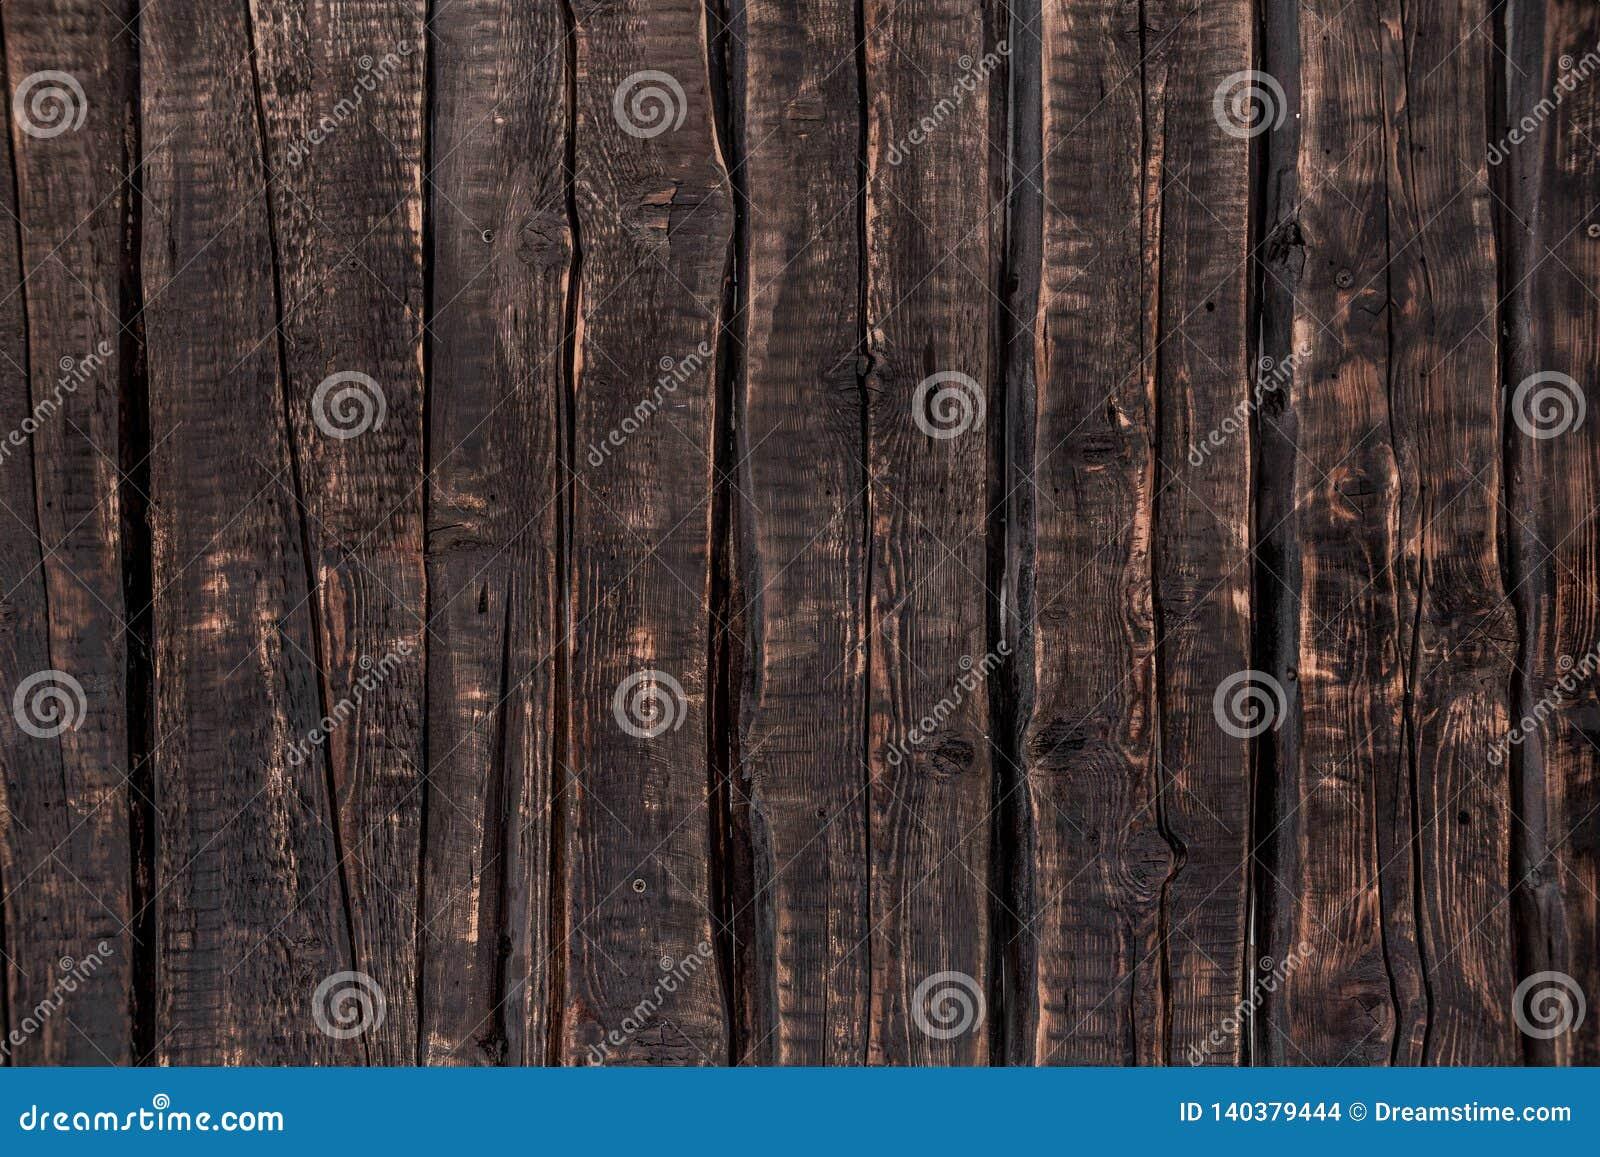 Dark wooden background, rough texture